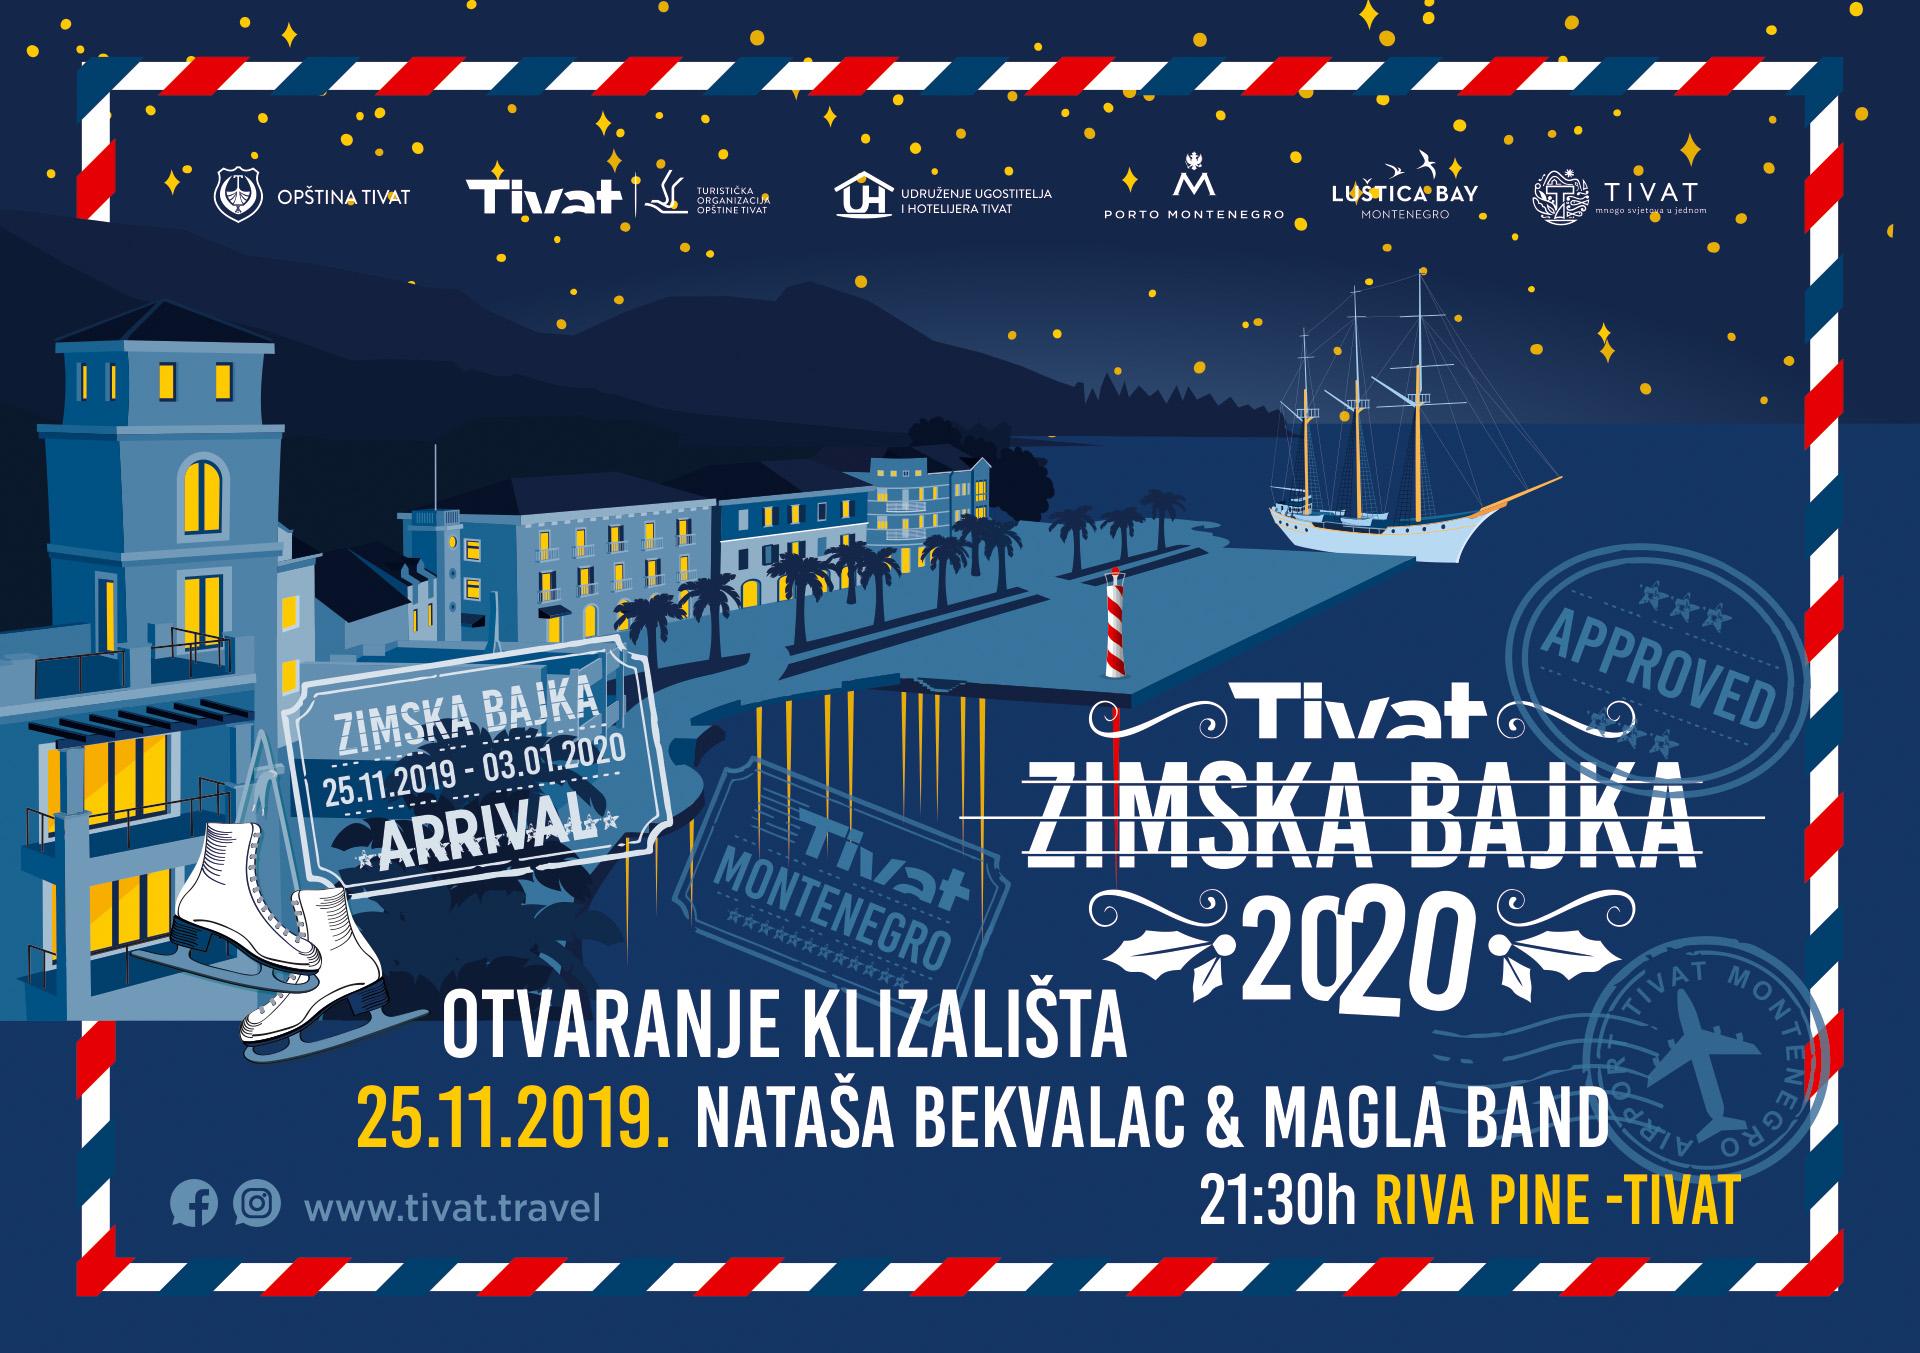 plakat_zimska_bajka_2020_tivat_program